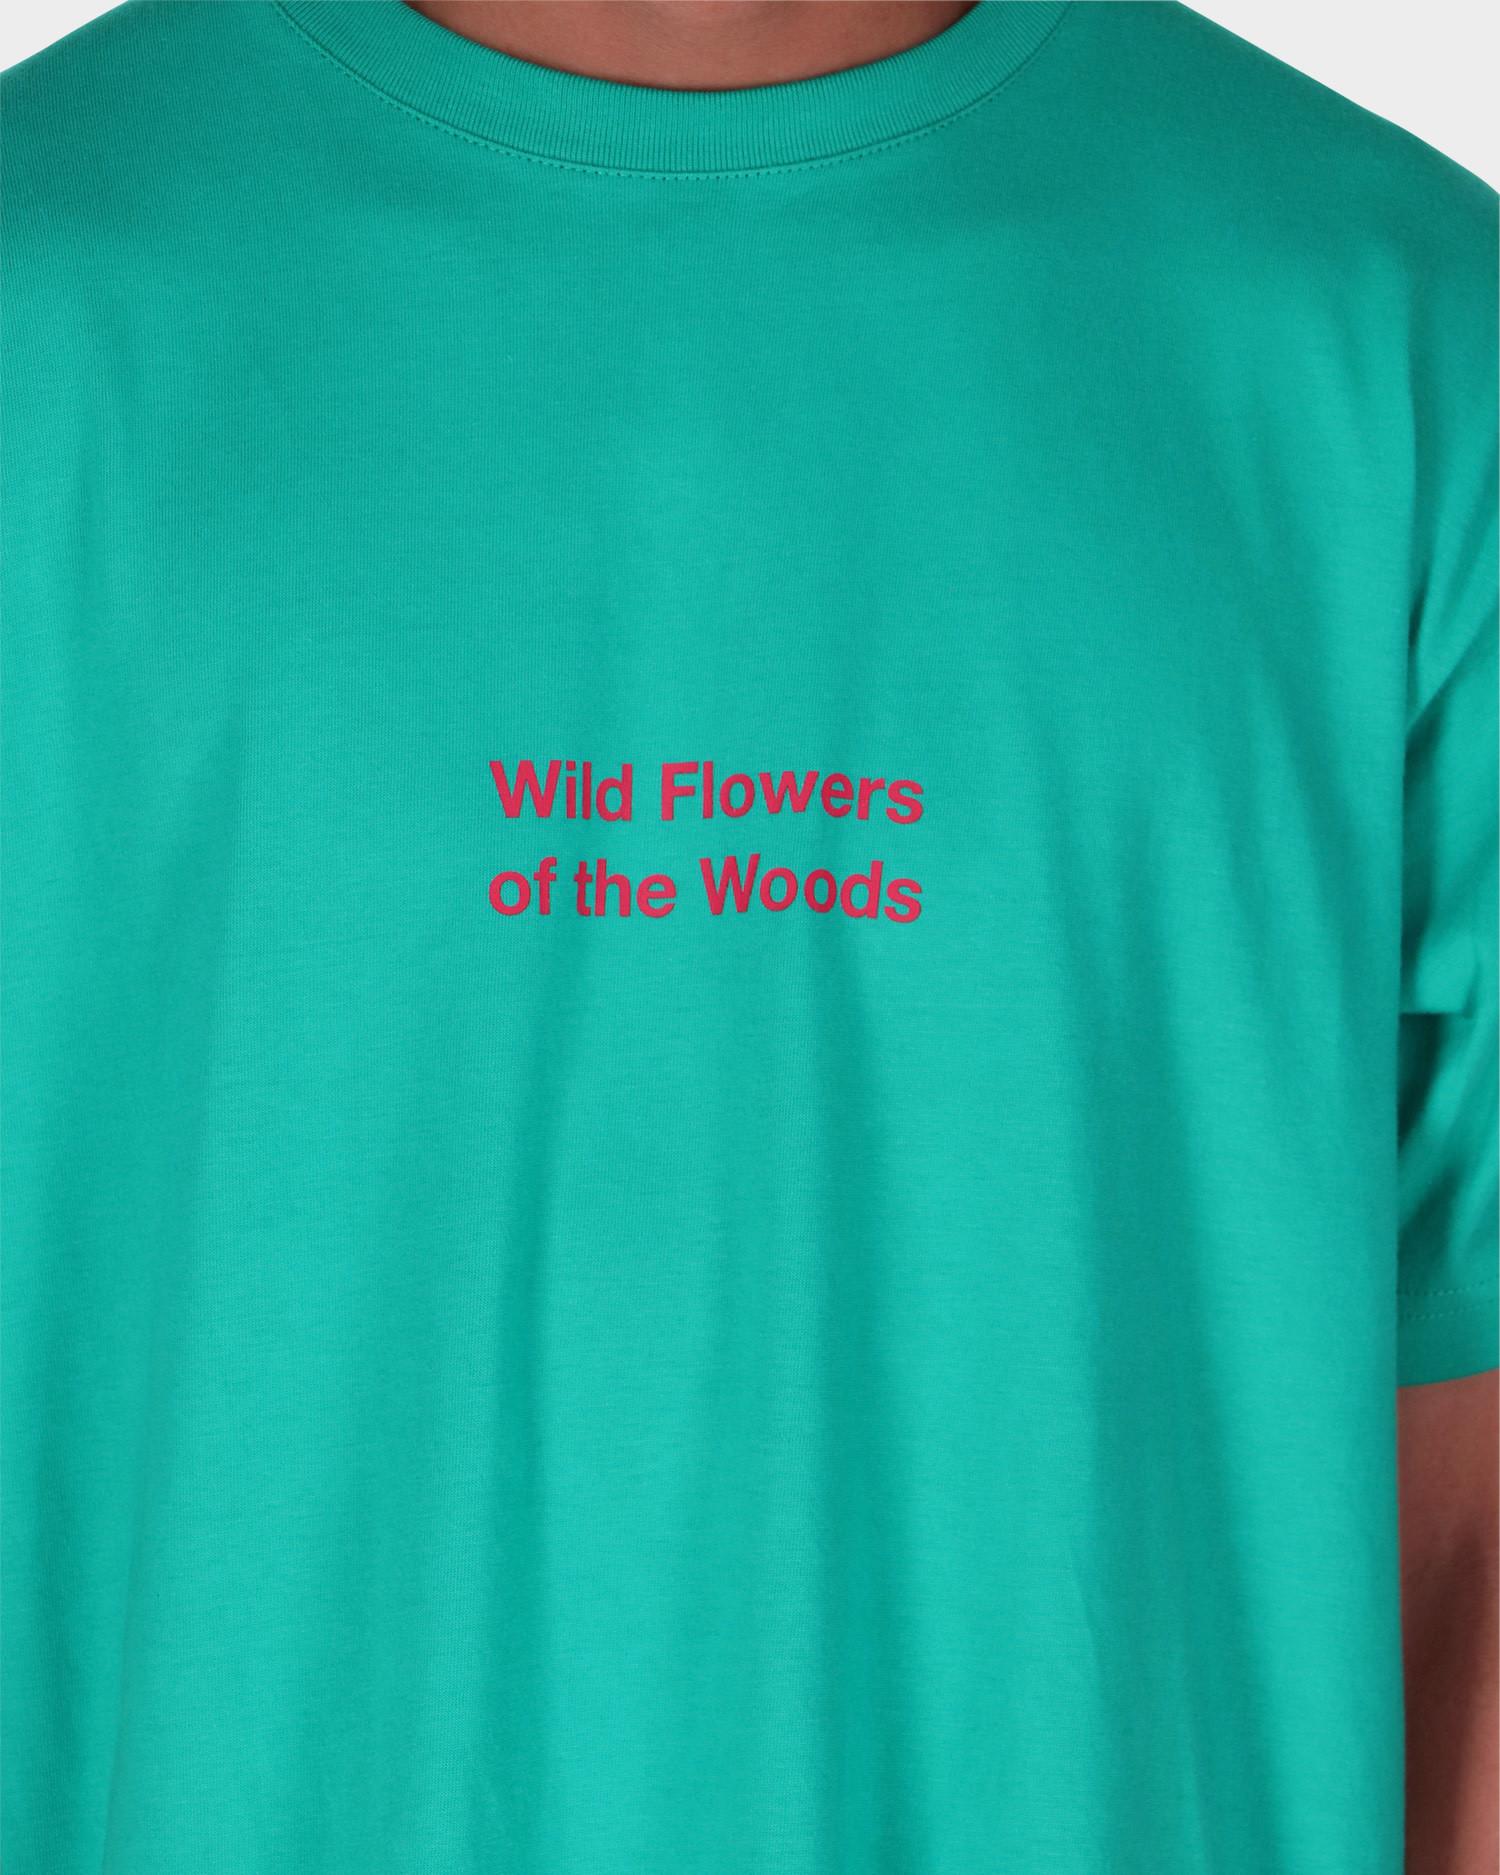 Patta Wild Flowers T-shirt Columbia